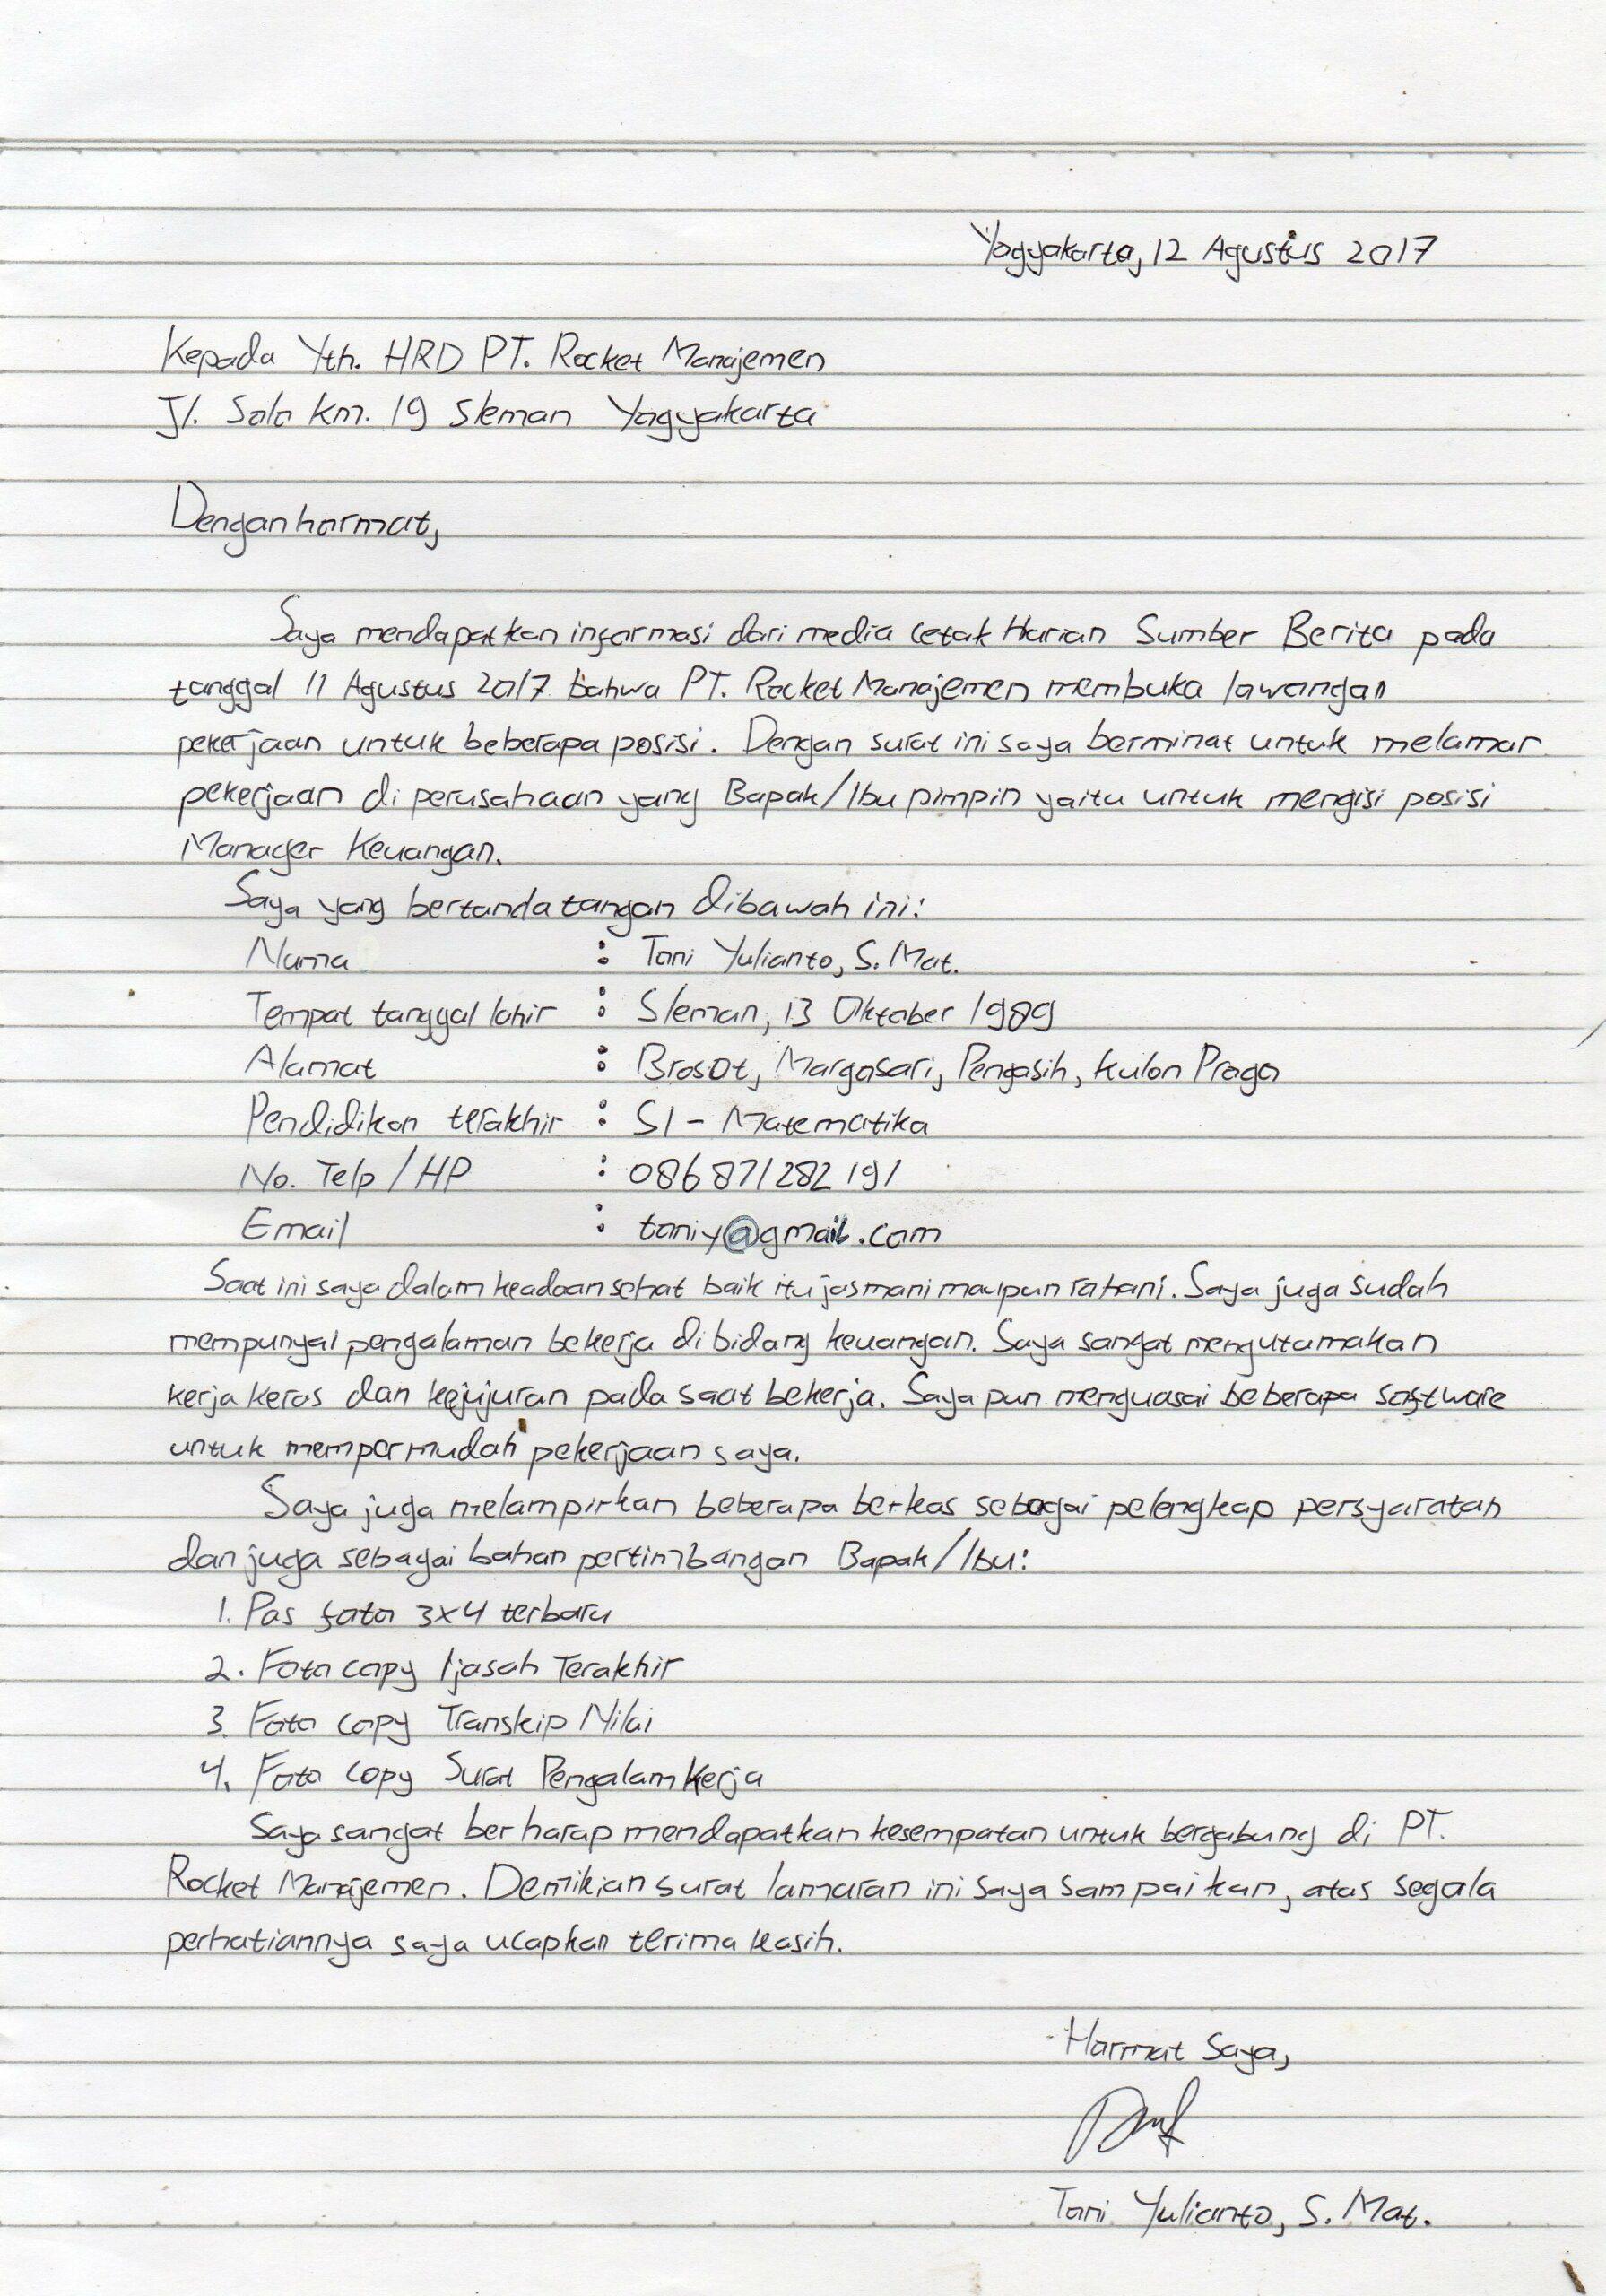 10 Contoh Surat Lamaran Kerja Tulis Tangan Yang Baik Dan Benar